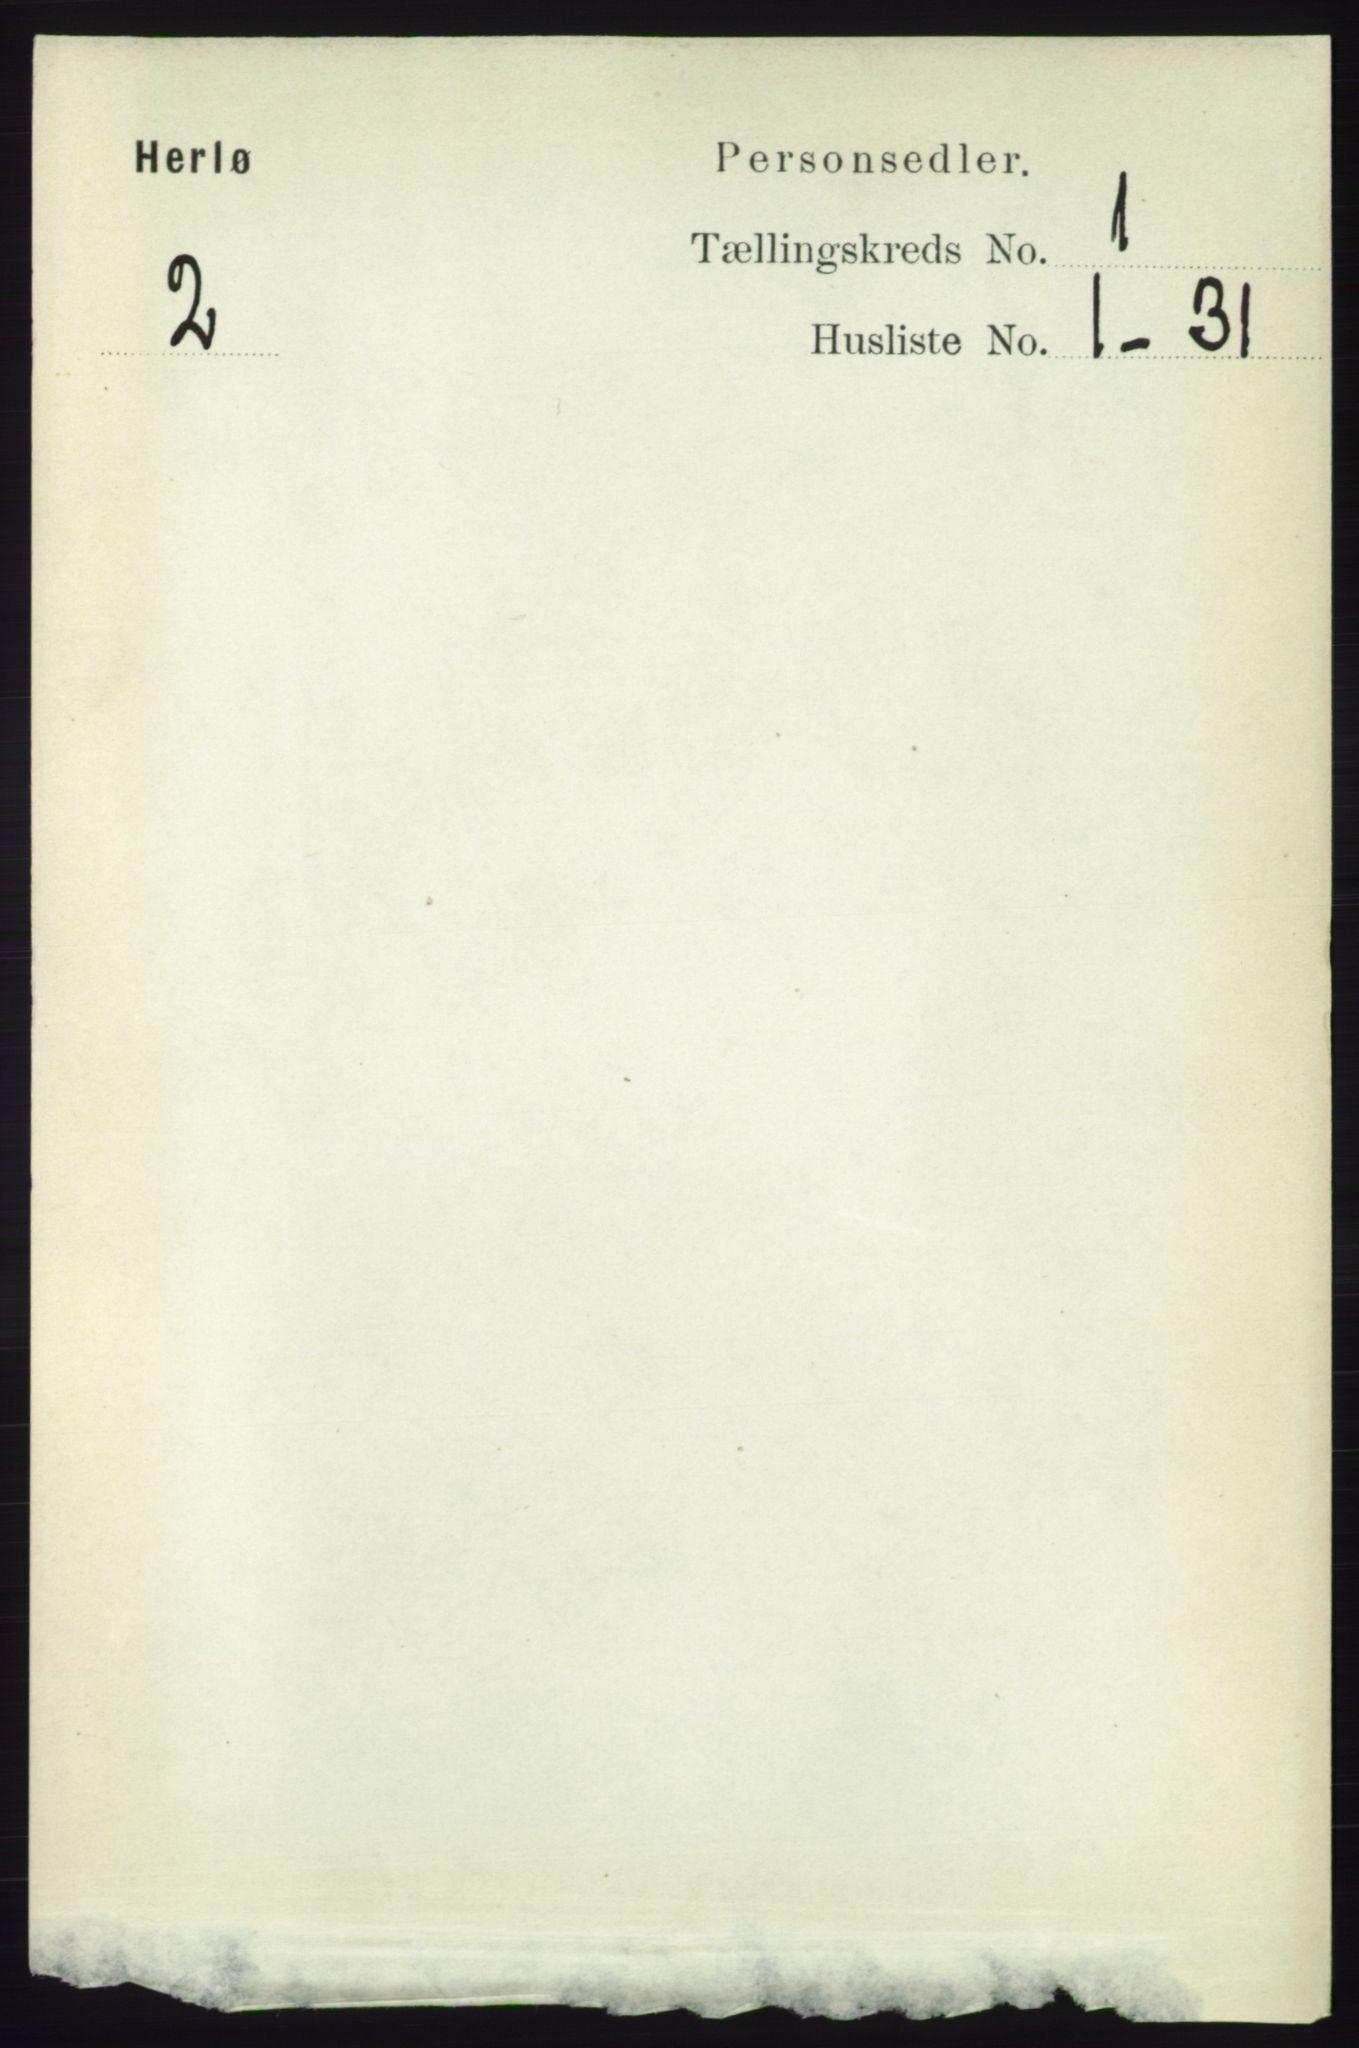 RA, Folketelling 1891 for 1258 Herdla herred, 1891, s. 85